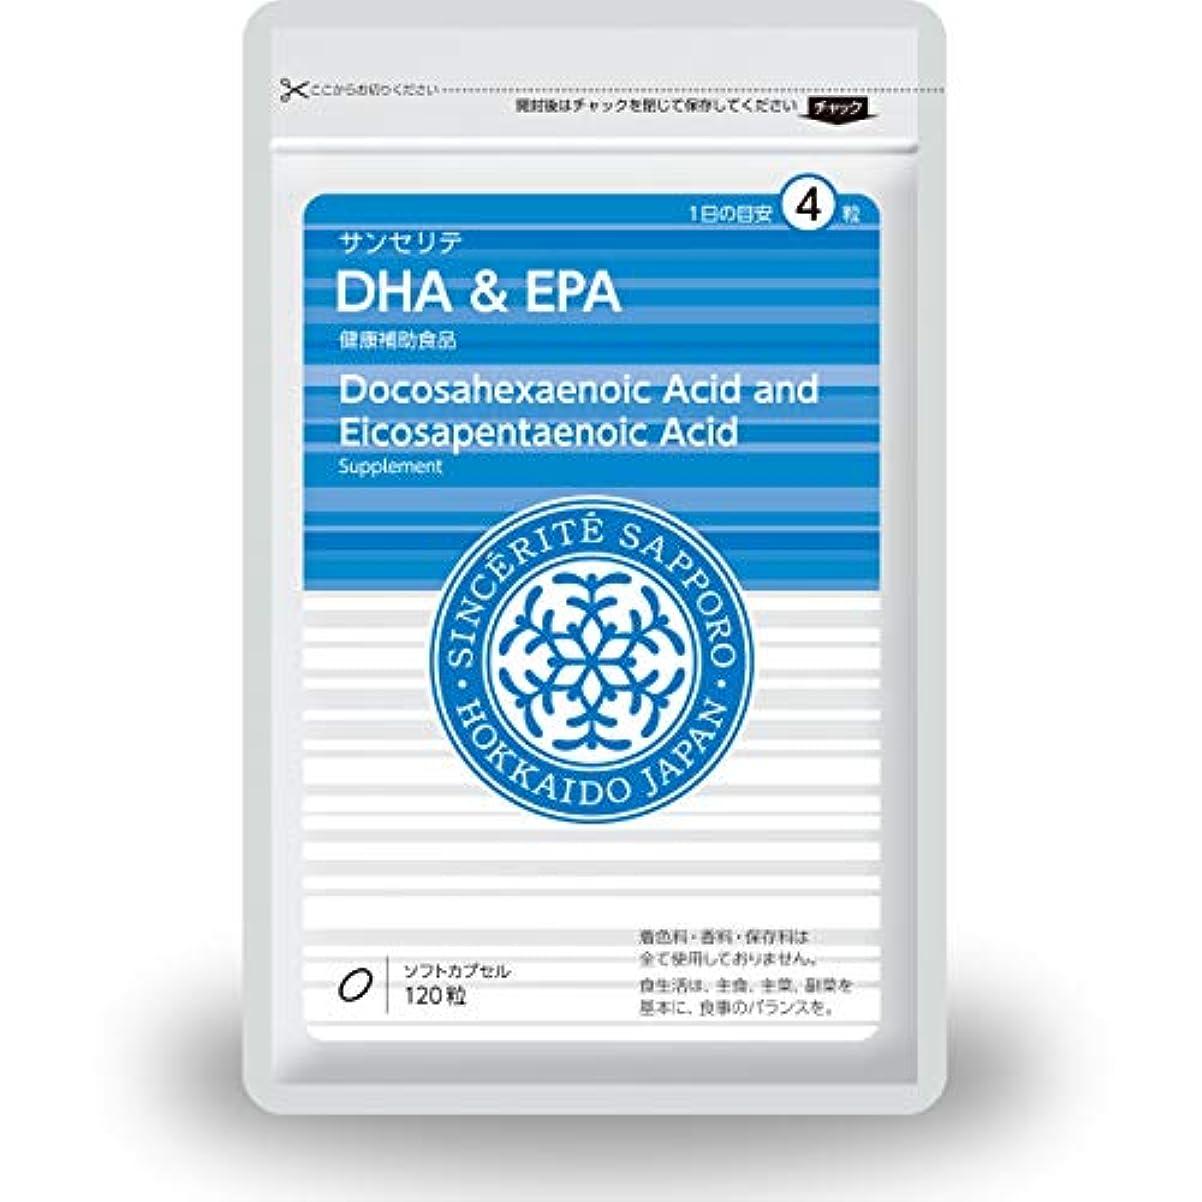 悲しい傾いた起こるDHA&EPA[送料無料][DHA]433mg配合[国内製造]しっかり30日分